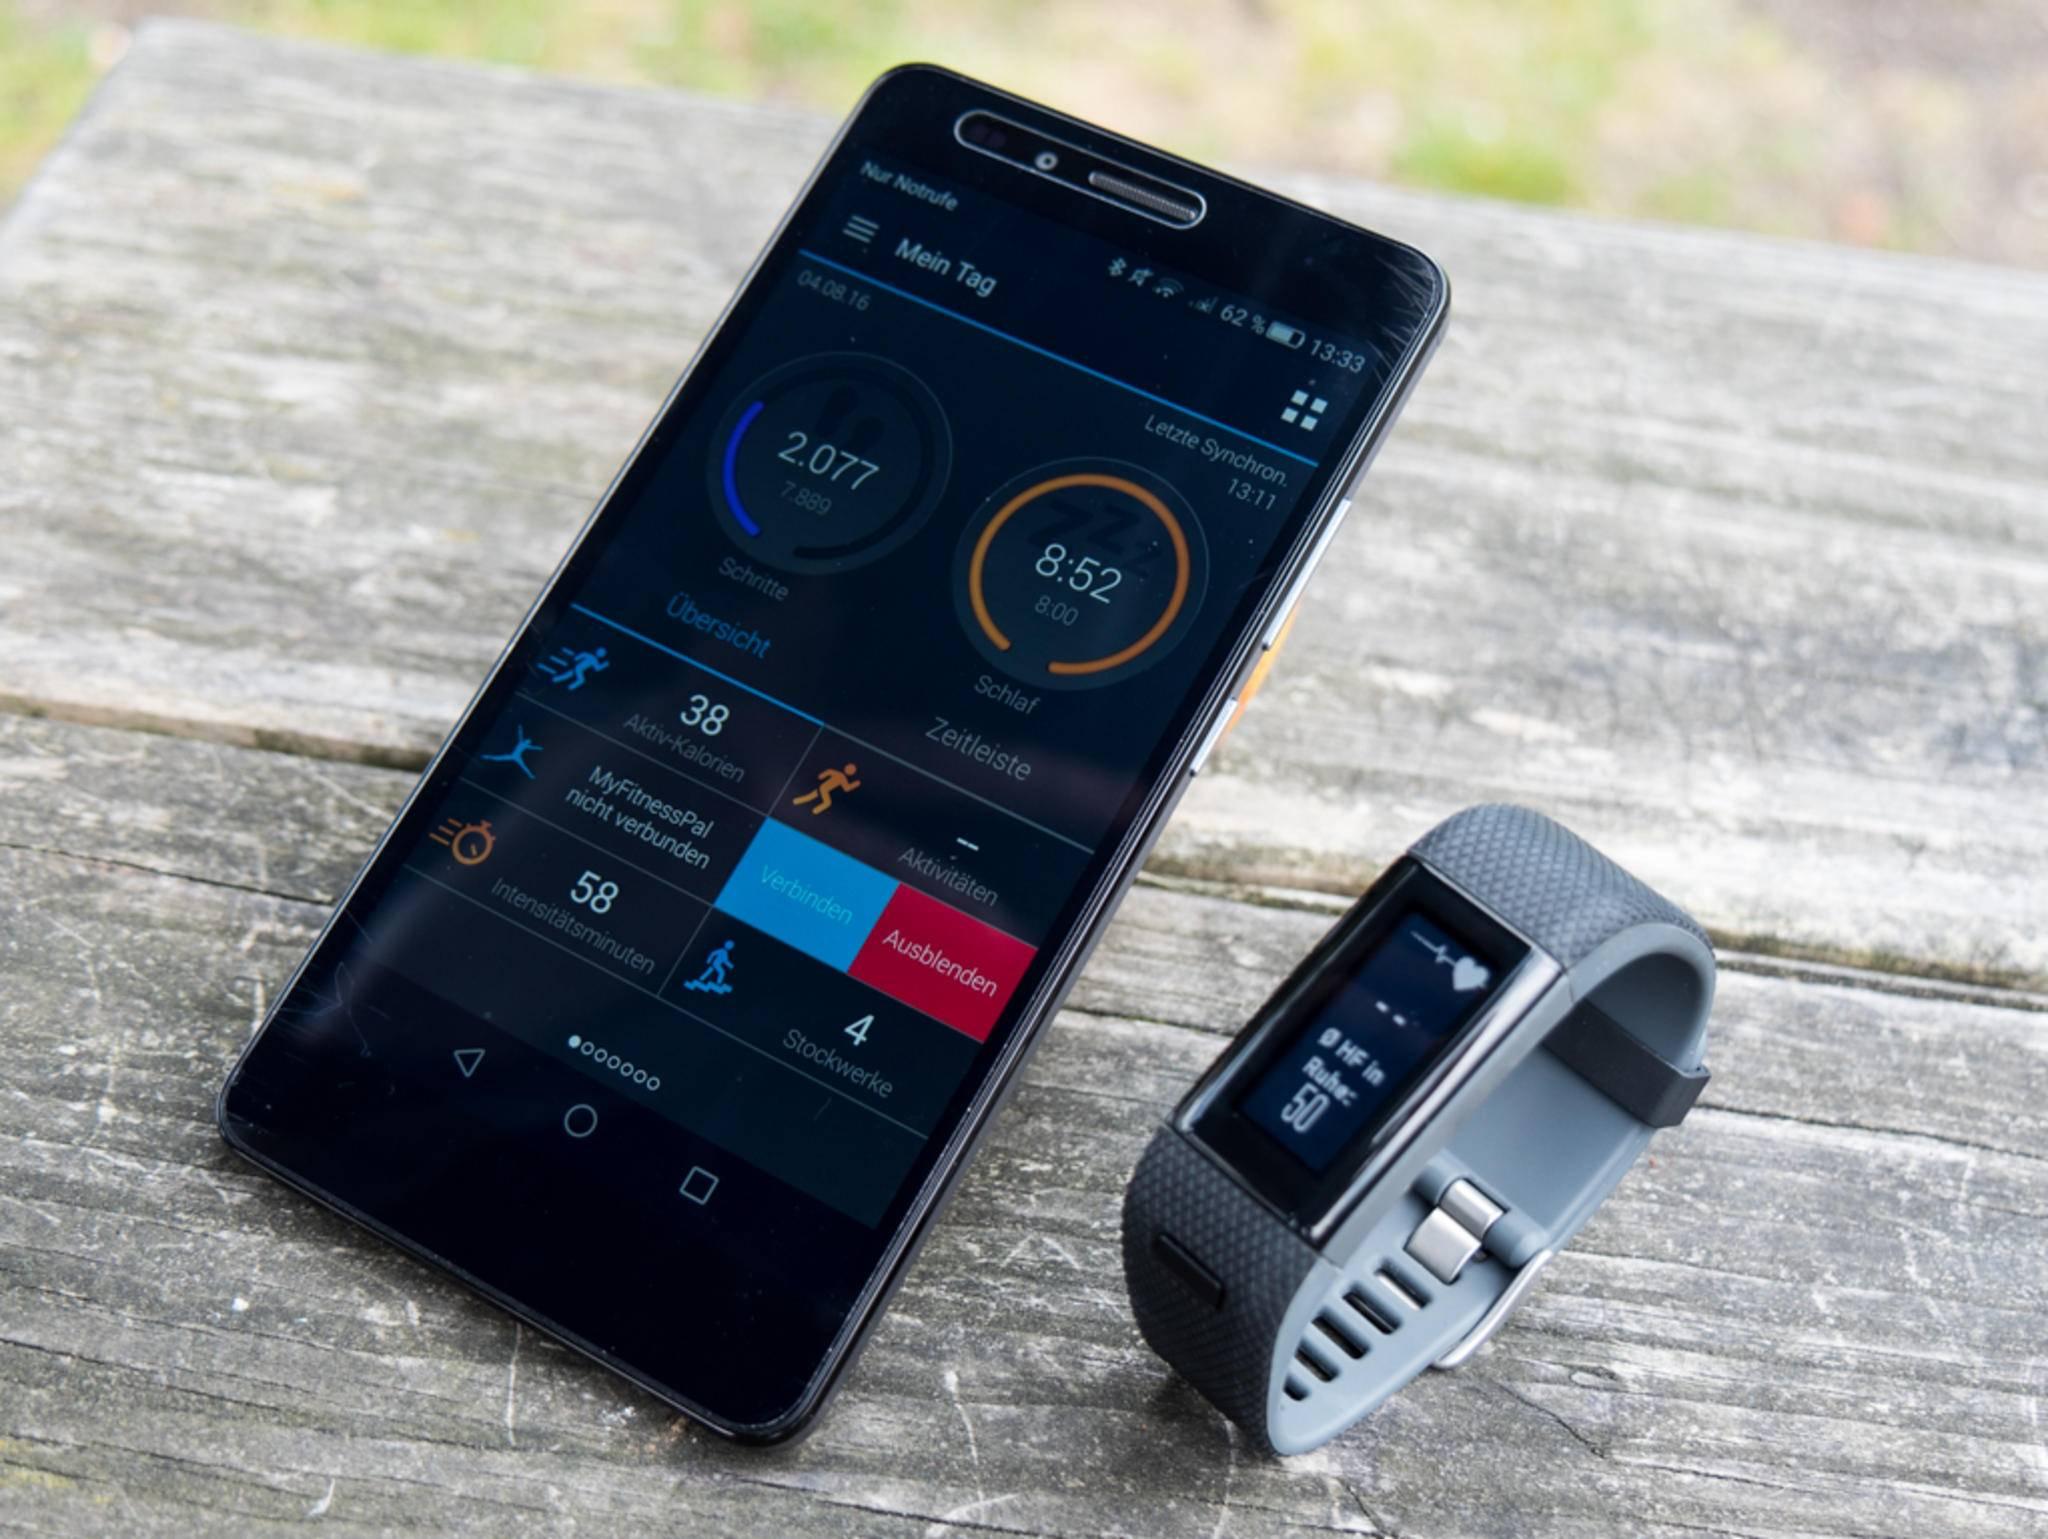 Viele Daten sind auf dem Tracker ablesbar, andere nur in der App.